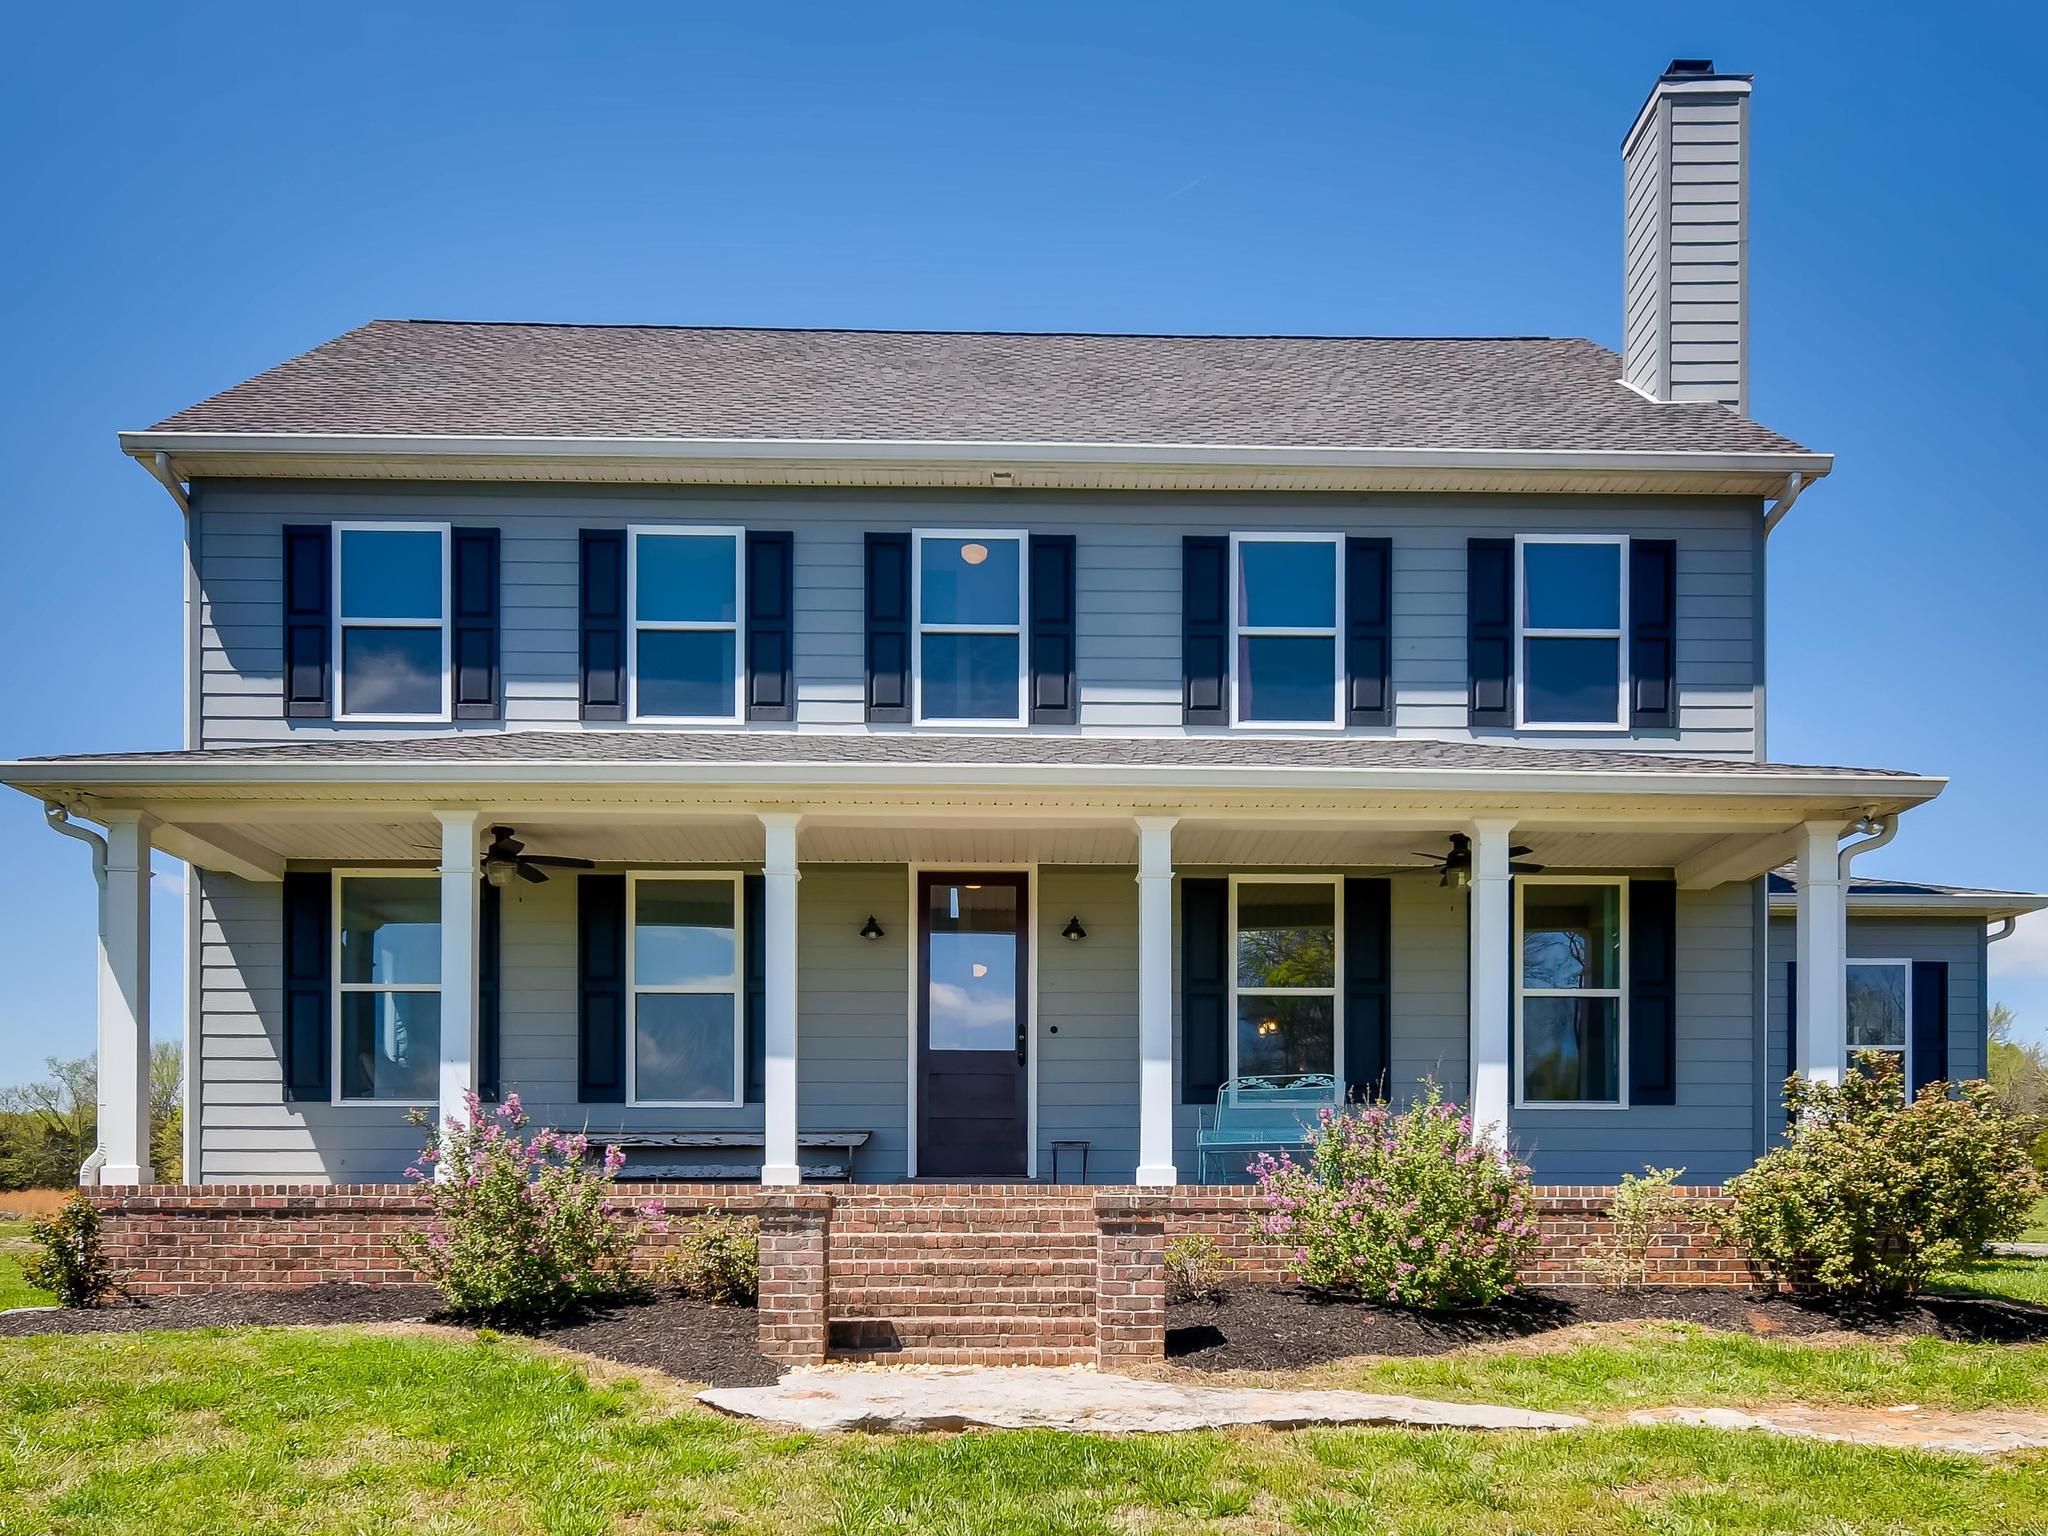 1968 Fellowship Rd, Mount Juliet, TN 37122 - Mount Juliet, TN real estate listing